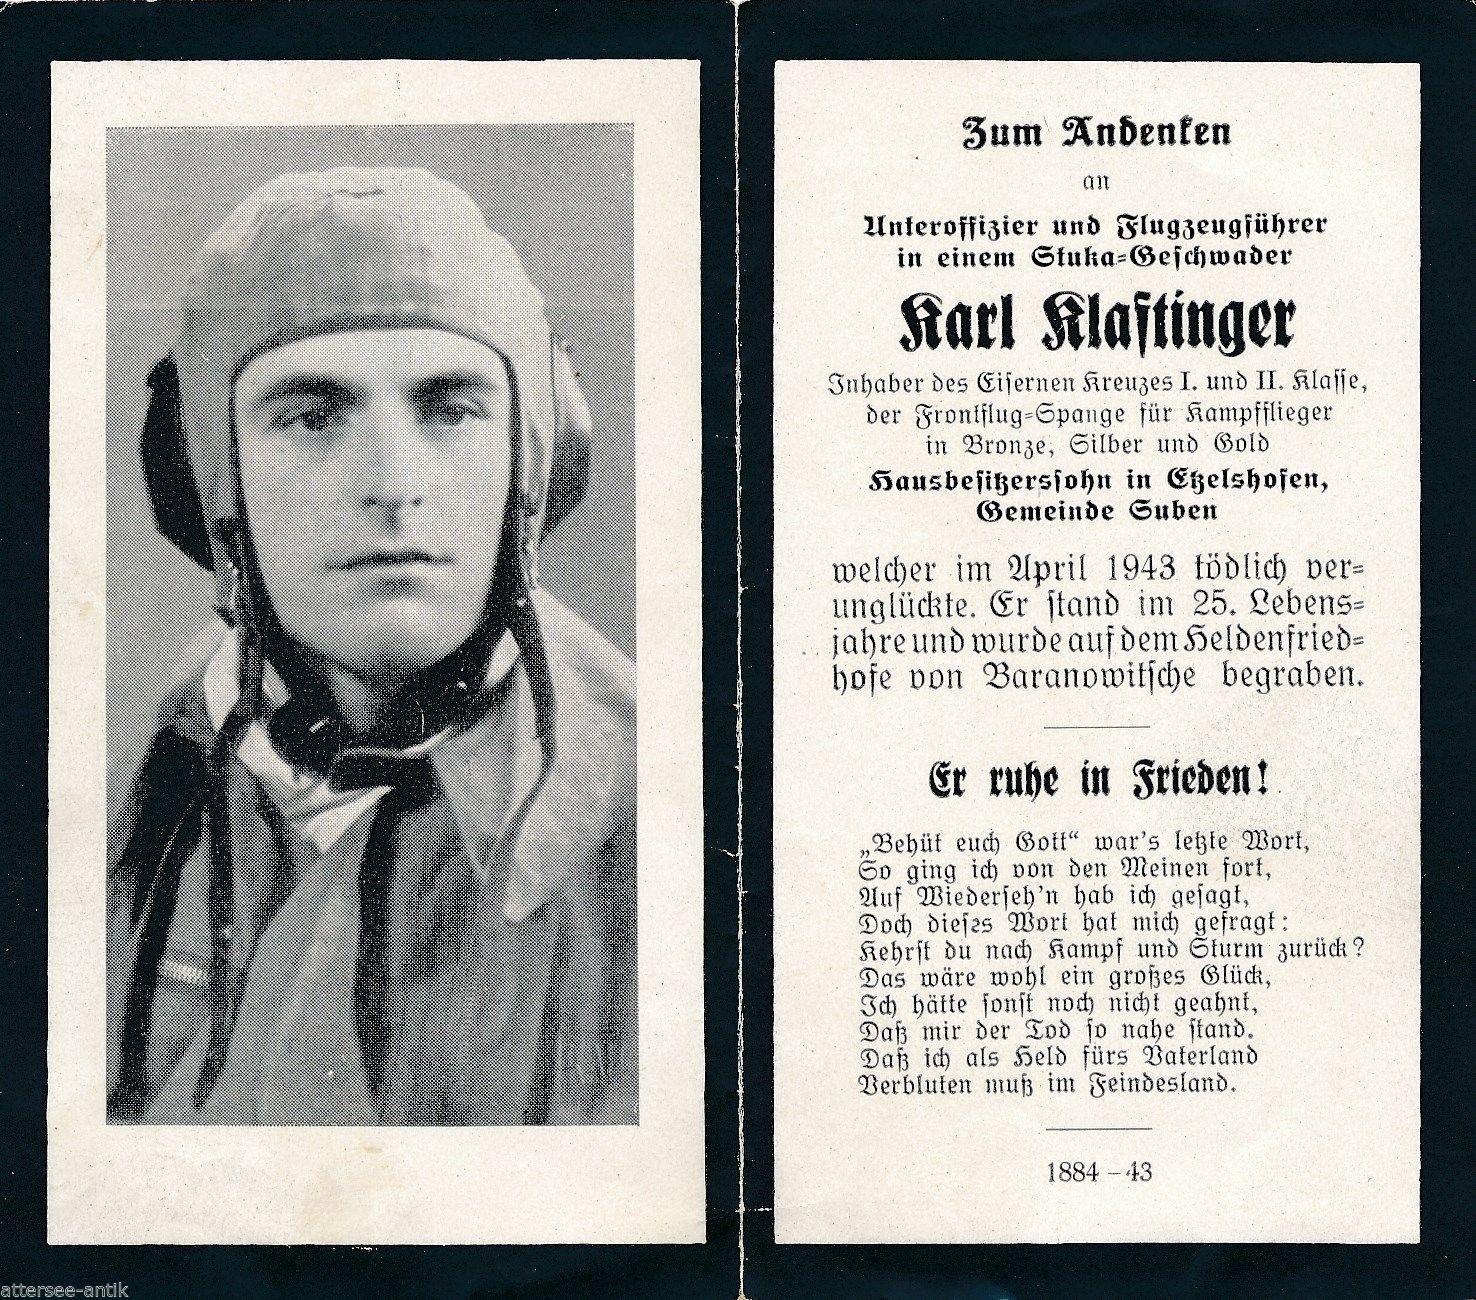 Немецкая «похоронка» летчика, погибшего в апреле 1943 года и захороненного на кладбище в Барановичах.